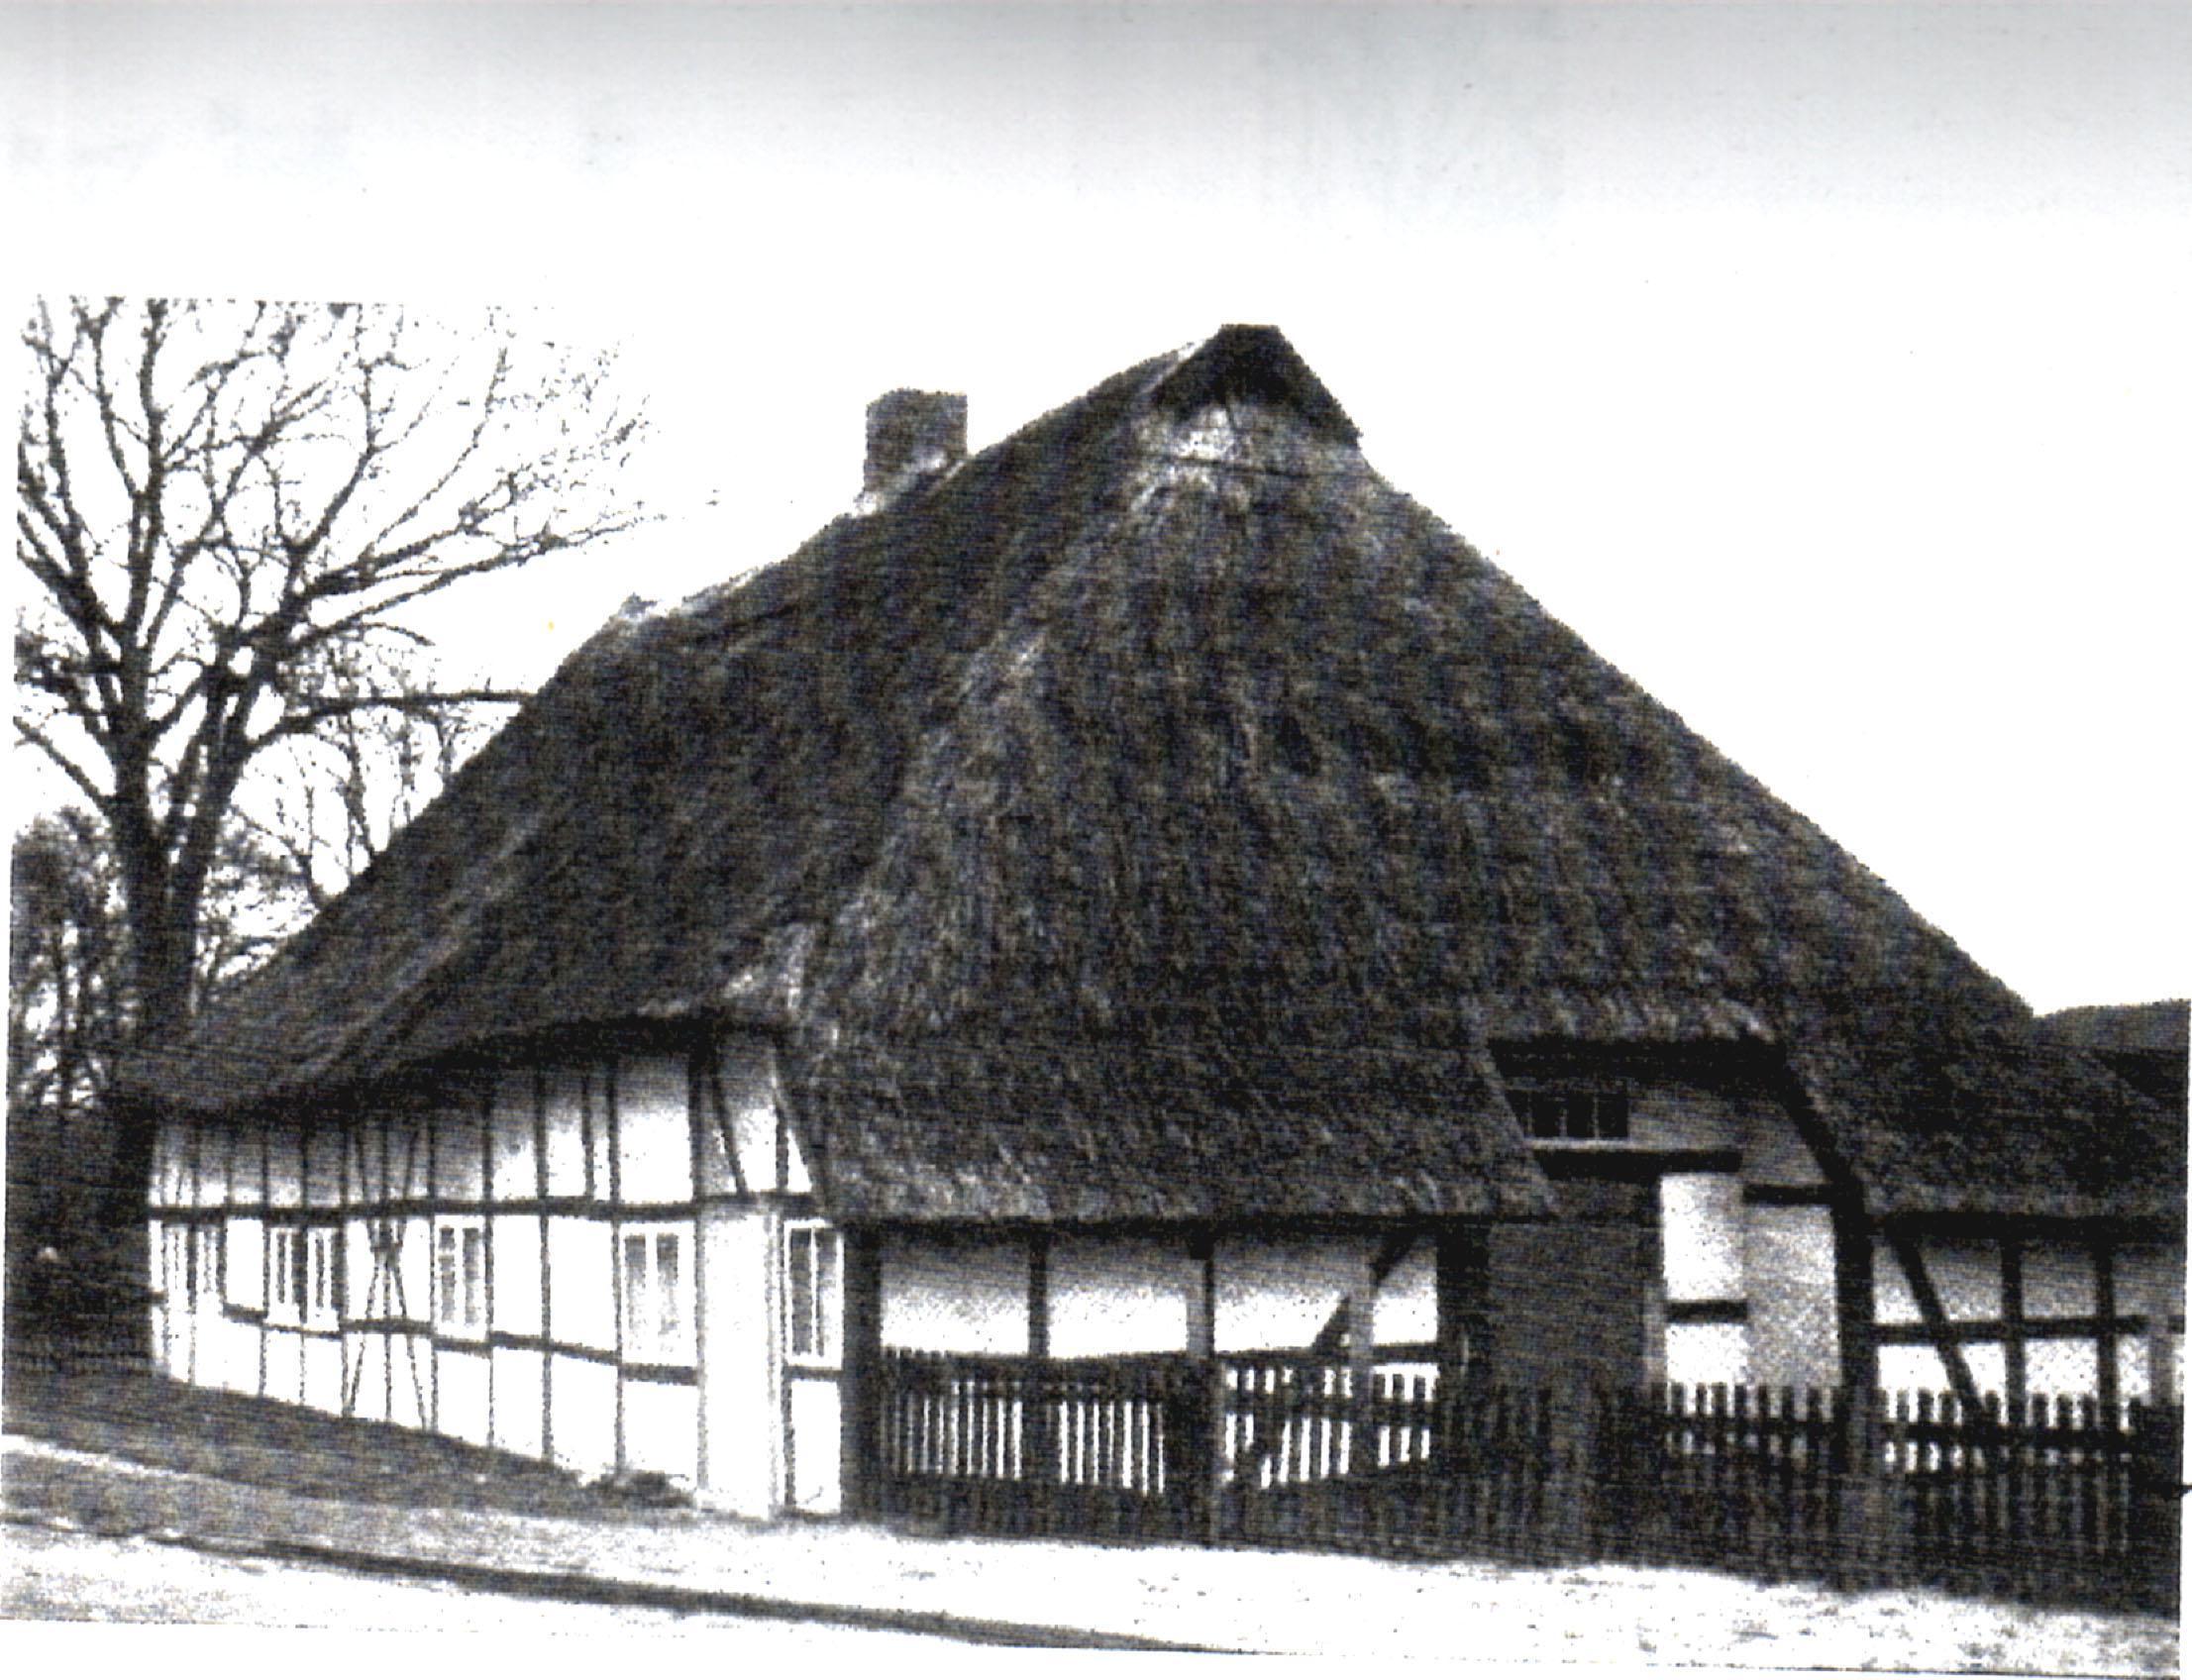 Dette var huset til familien Brenz. Ved å bruke til til å lære om stedene og tiden som dine forfedre levde i,, kan du vekke historien til live.